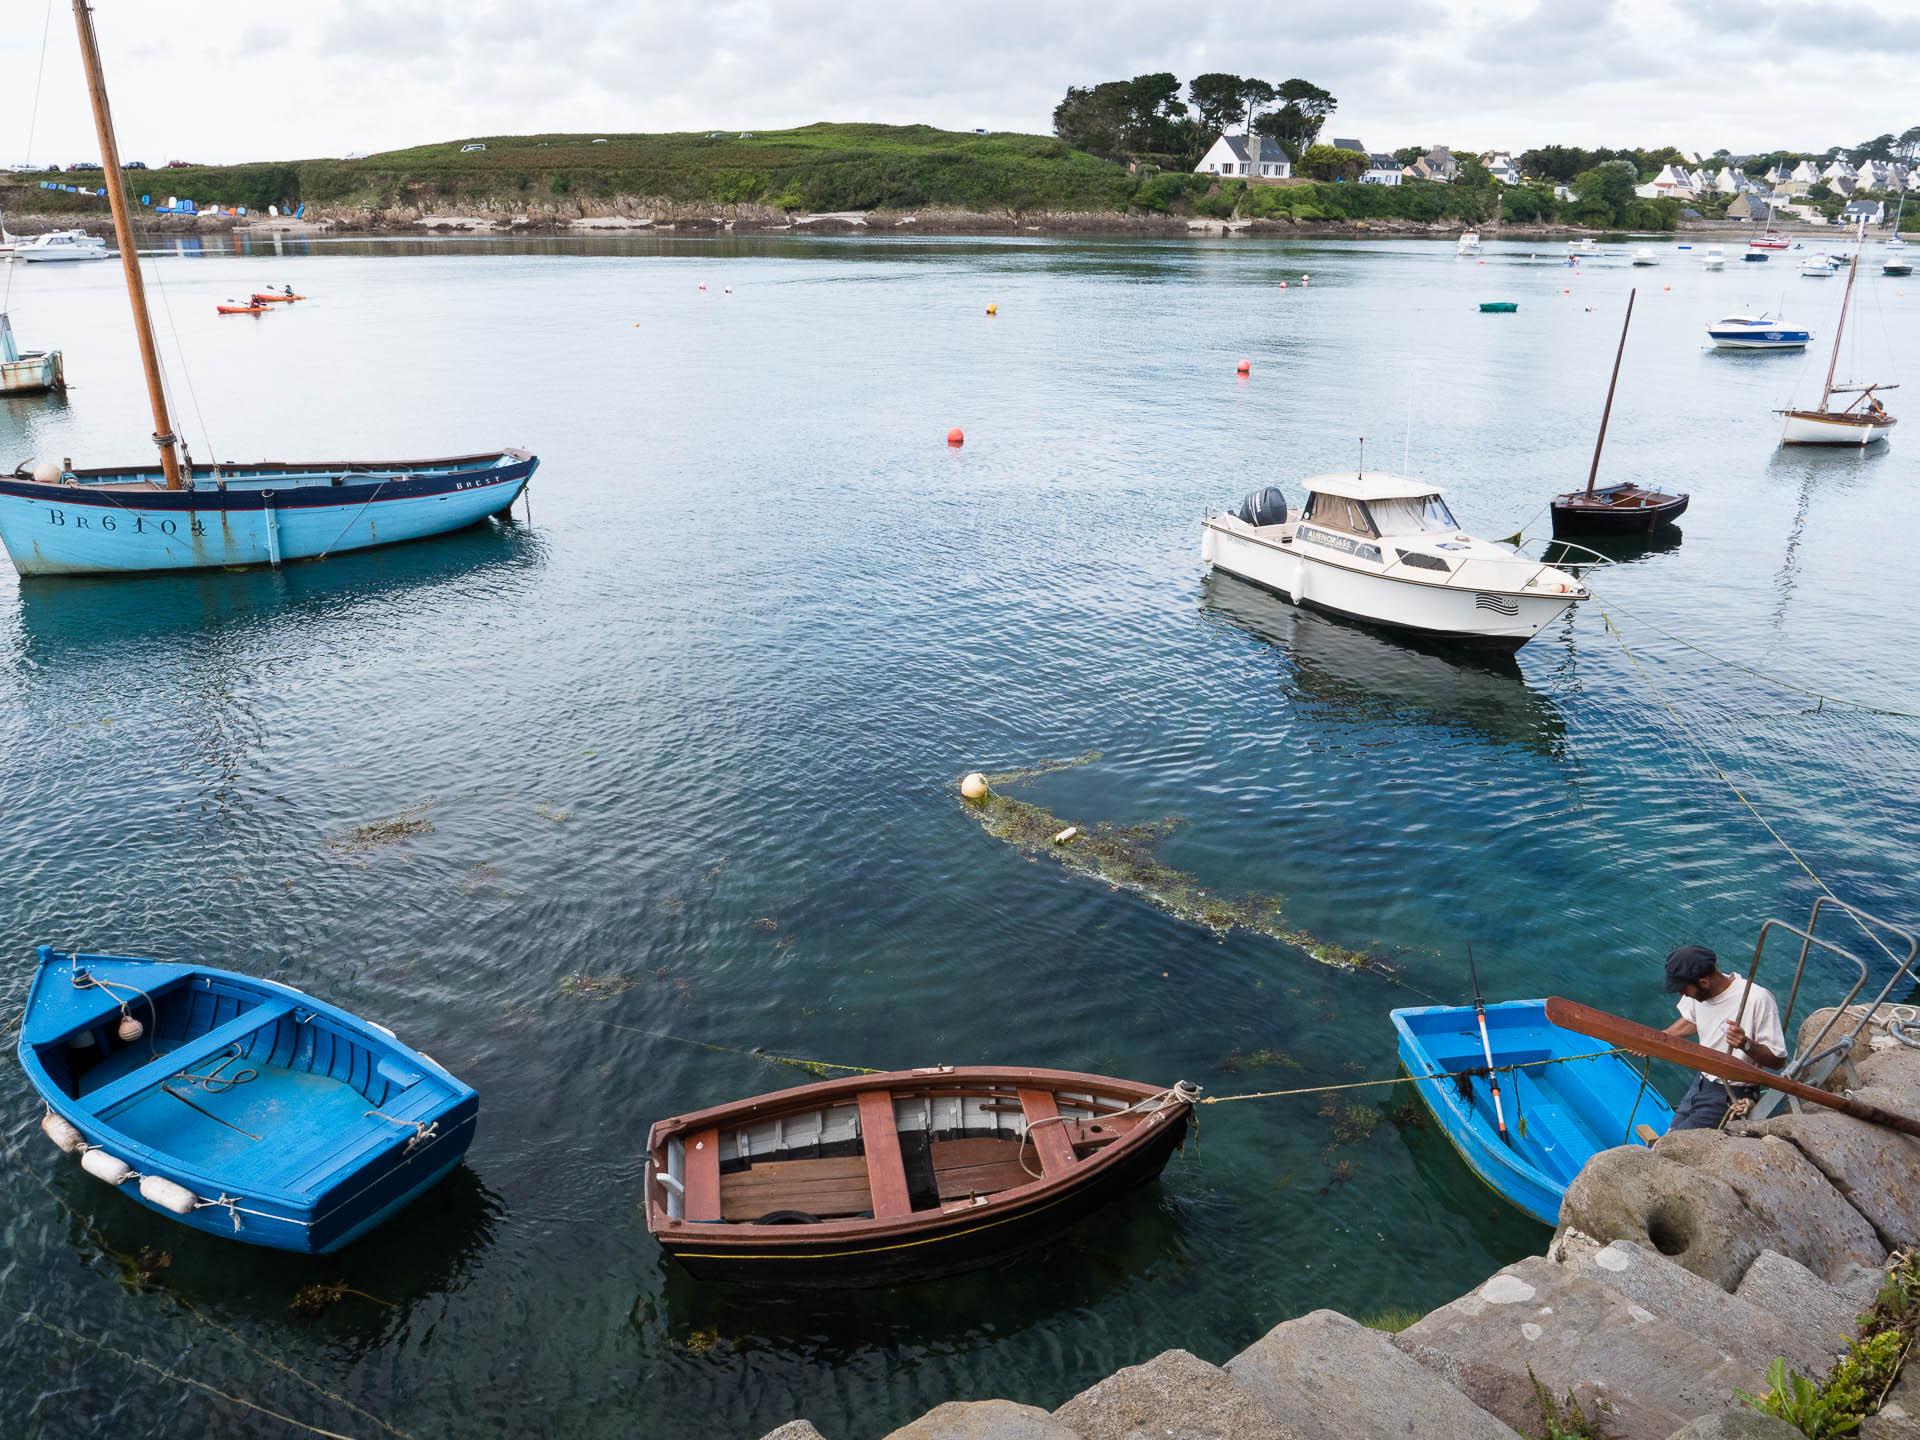 le conquet kermorvan pêcheurs - Les globe blogueurs - blog voyage nature